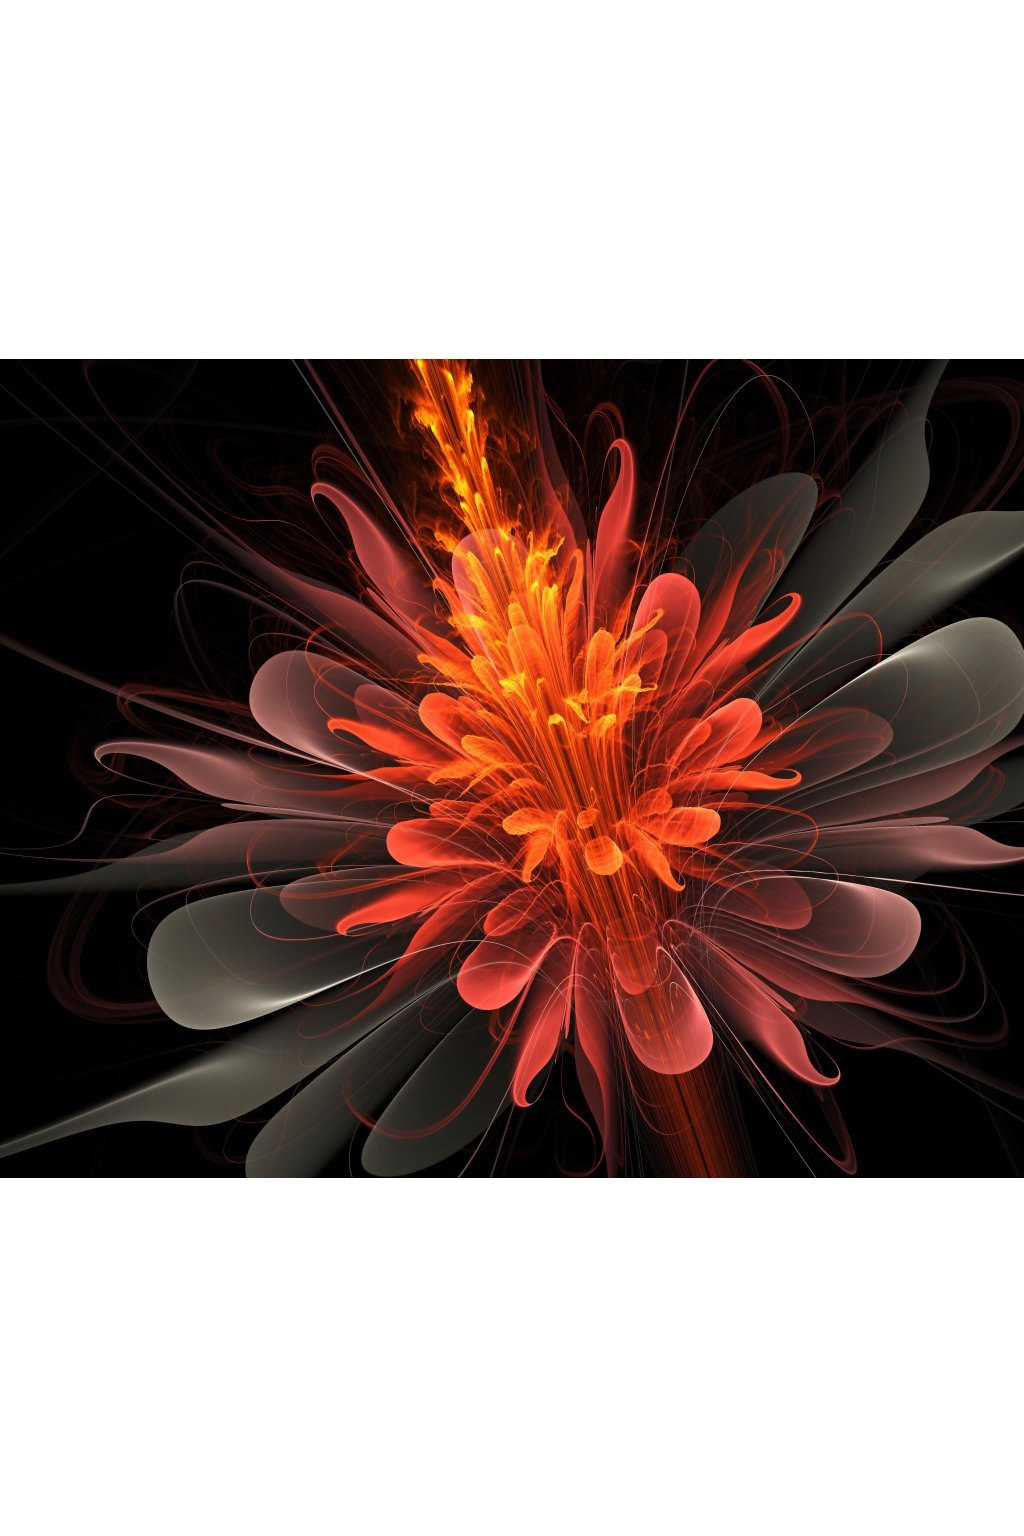 Malvis Obraz Oranžový kvìt  - zvìtšit obrázek